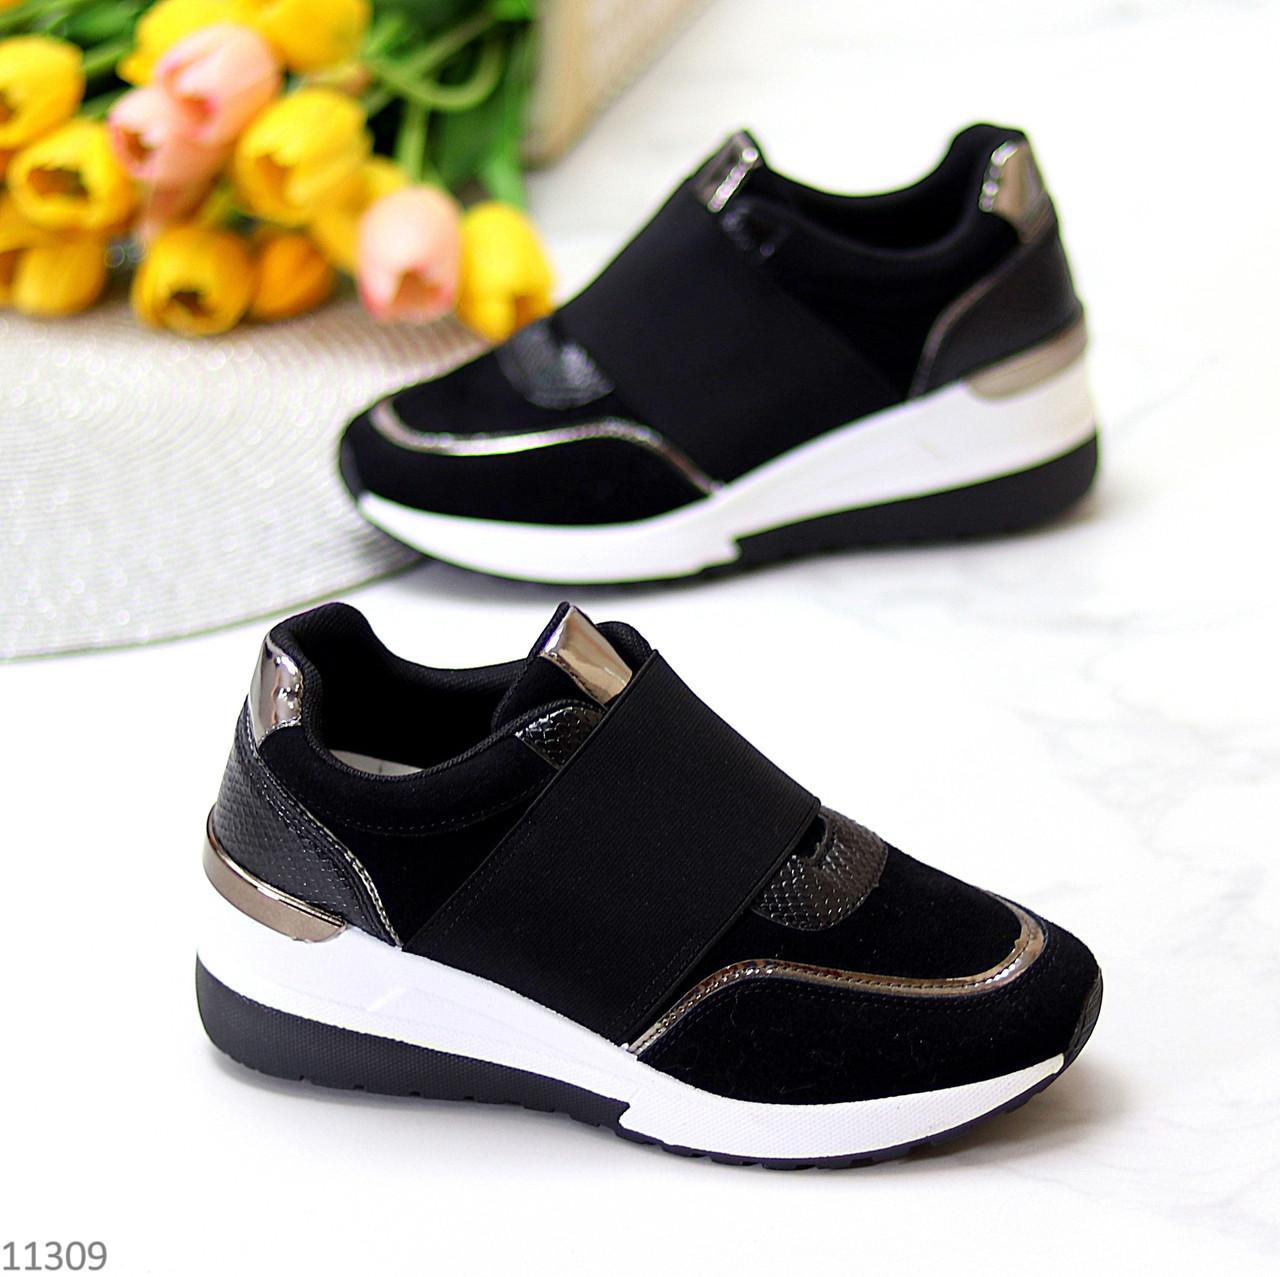 Черные комфортные стильные женские кроссовки сникерсы на каждый день